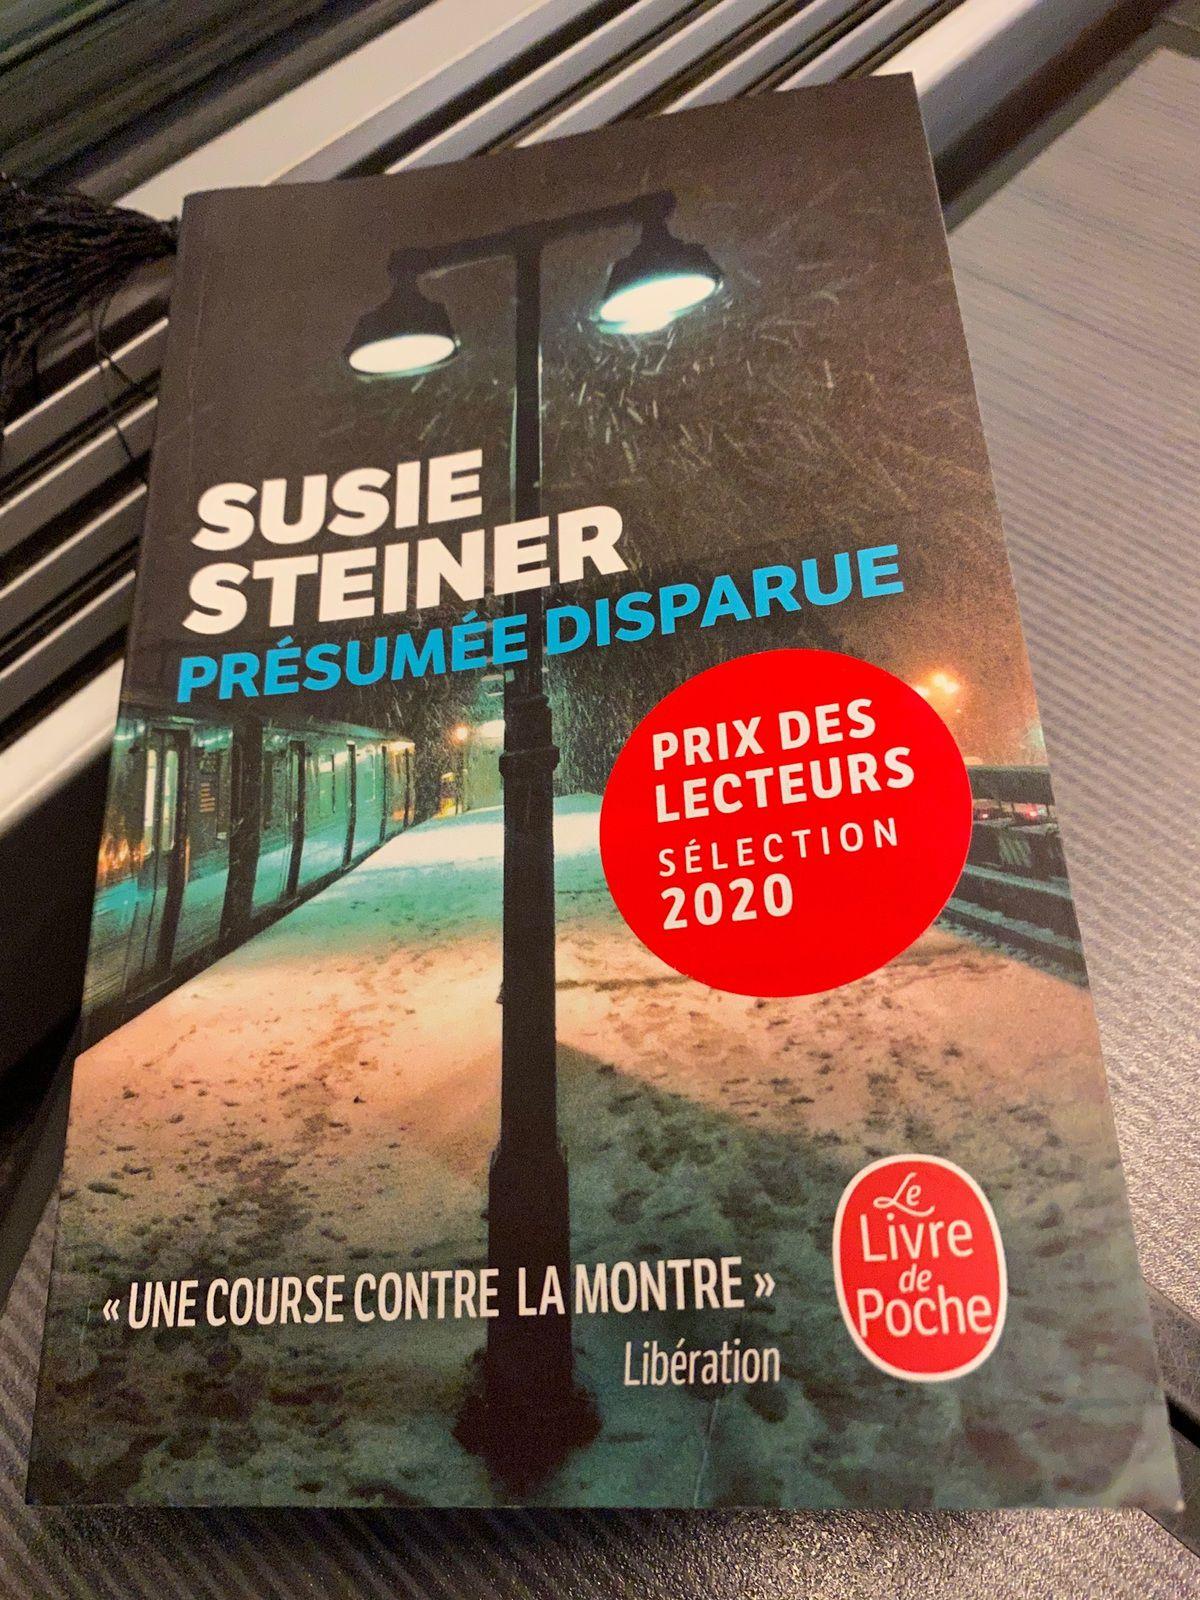 Ed. livre de poche (2020), traduit par Yoco Lacour